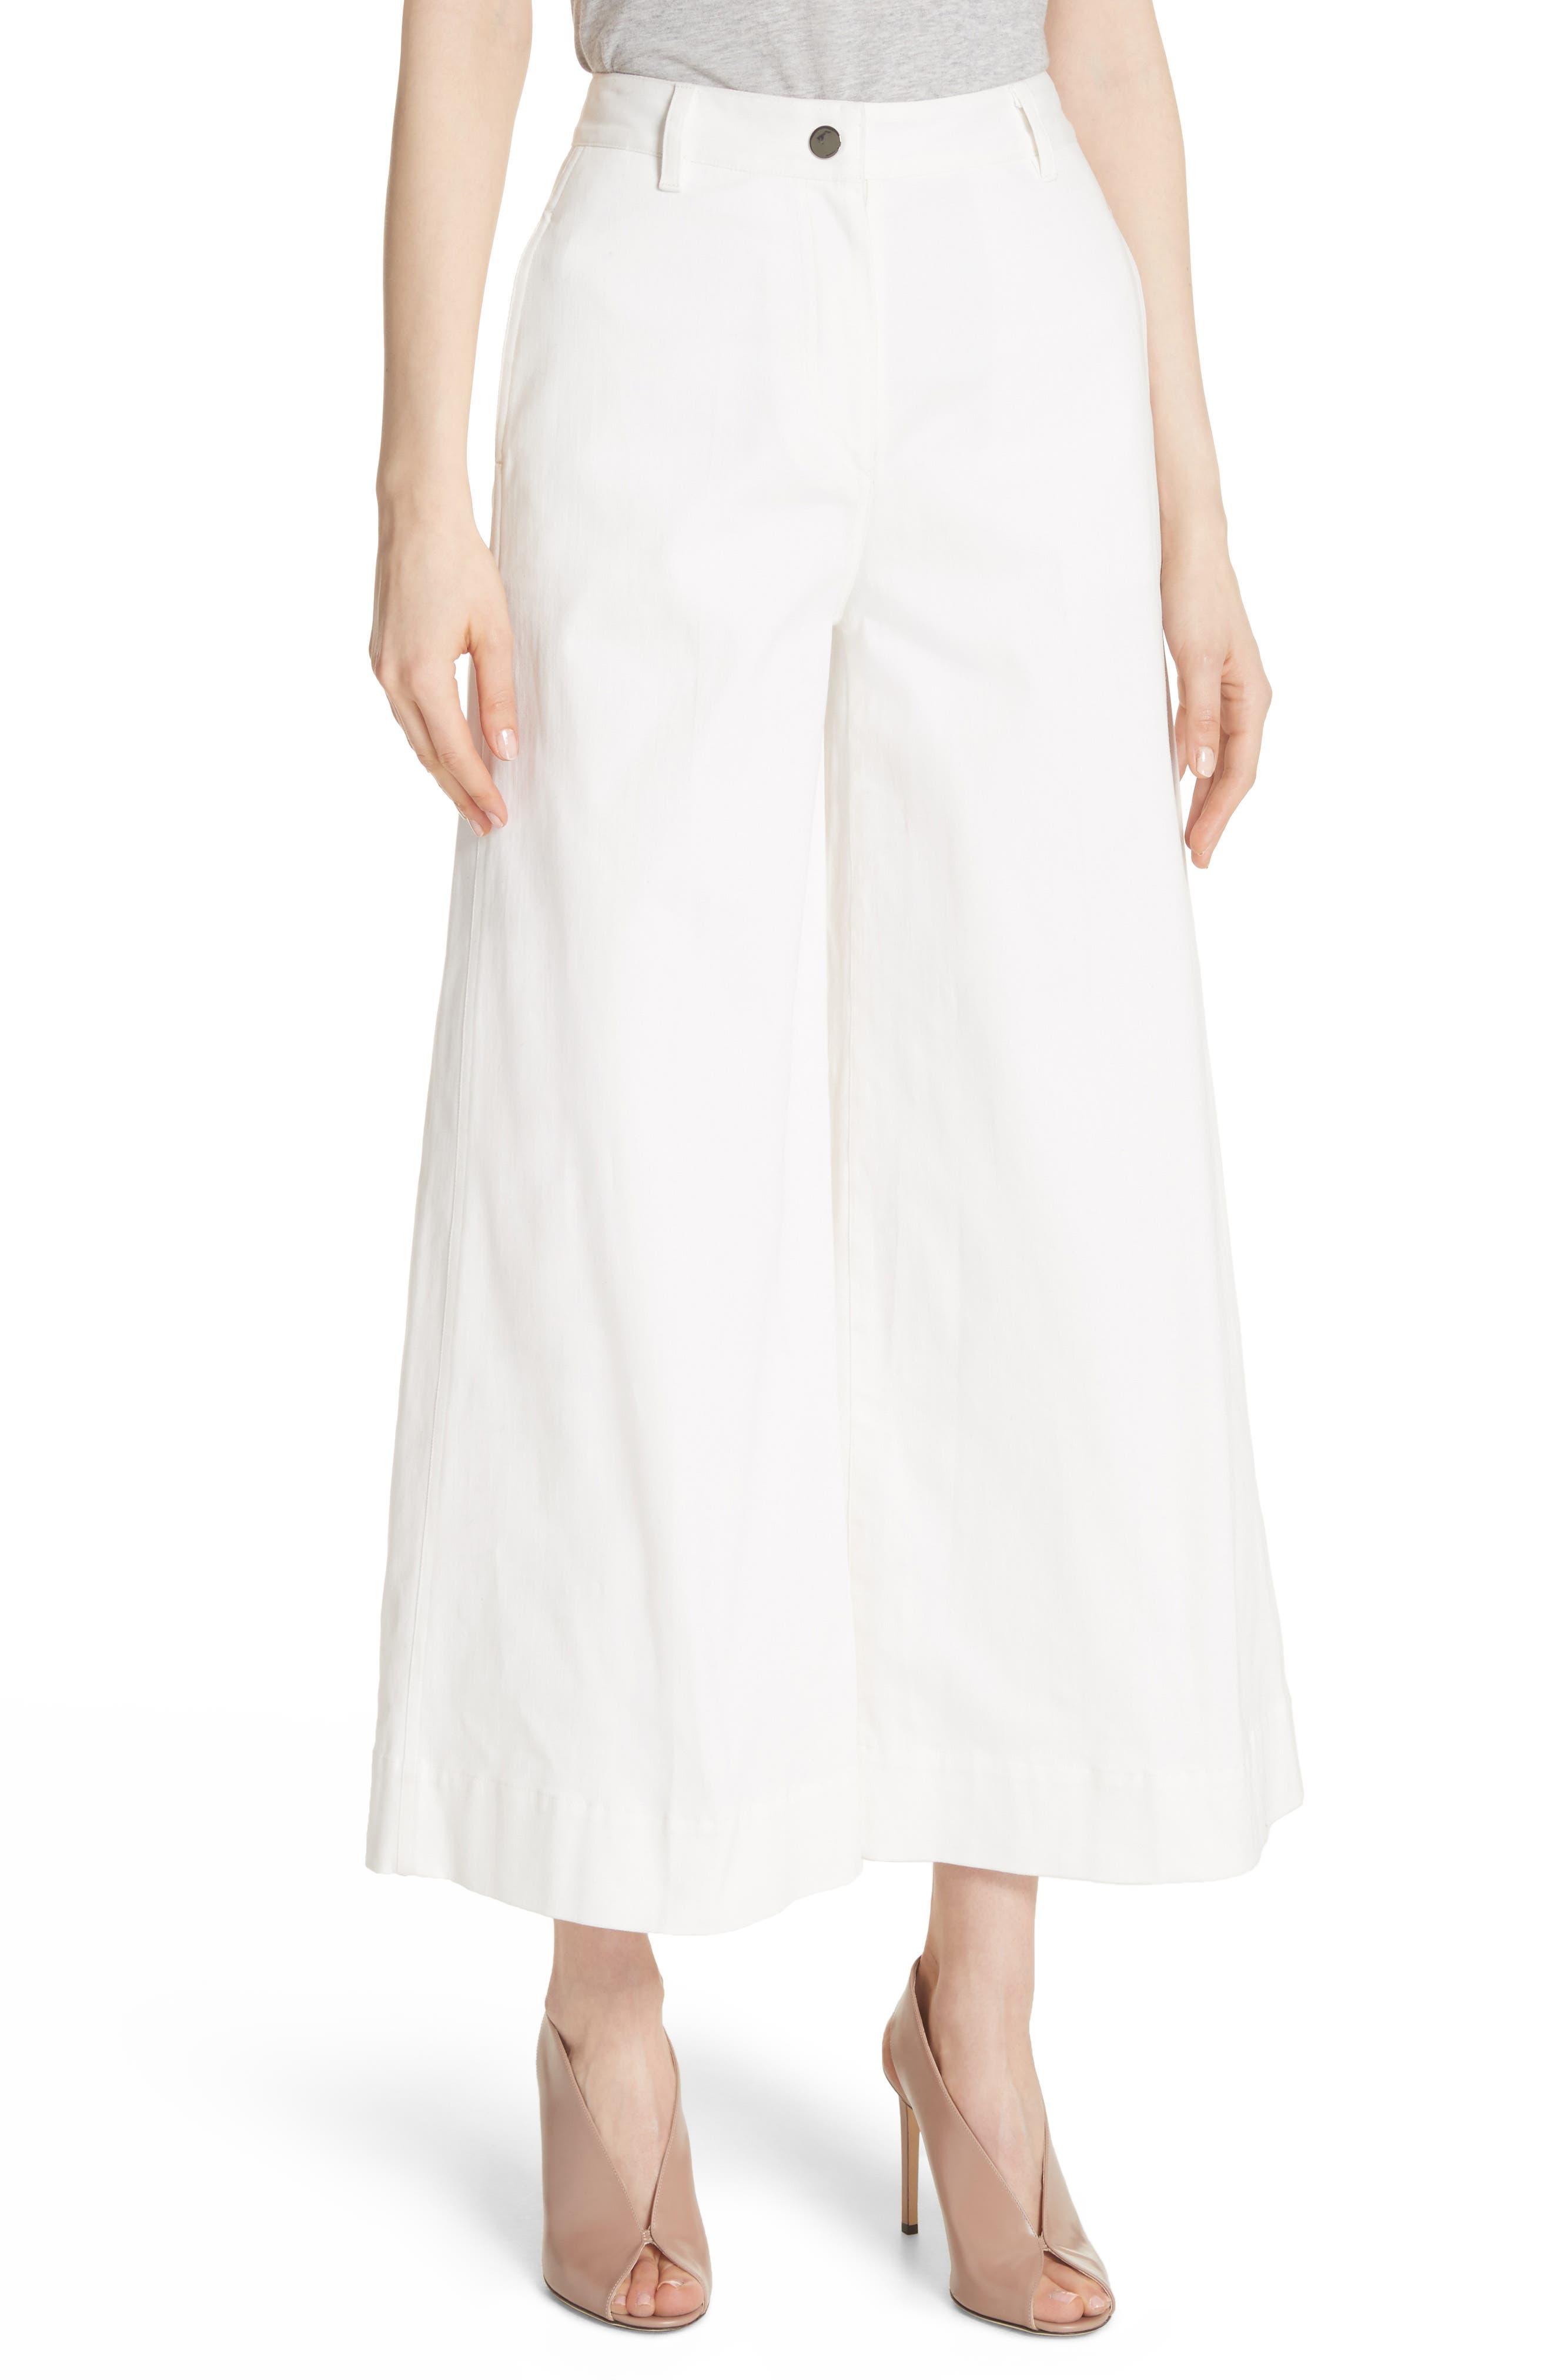 Ace Wide Leg Crop Jeans,                         Main,                         color, White